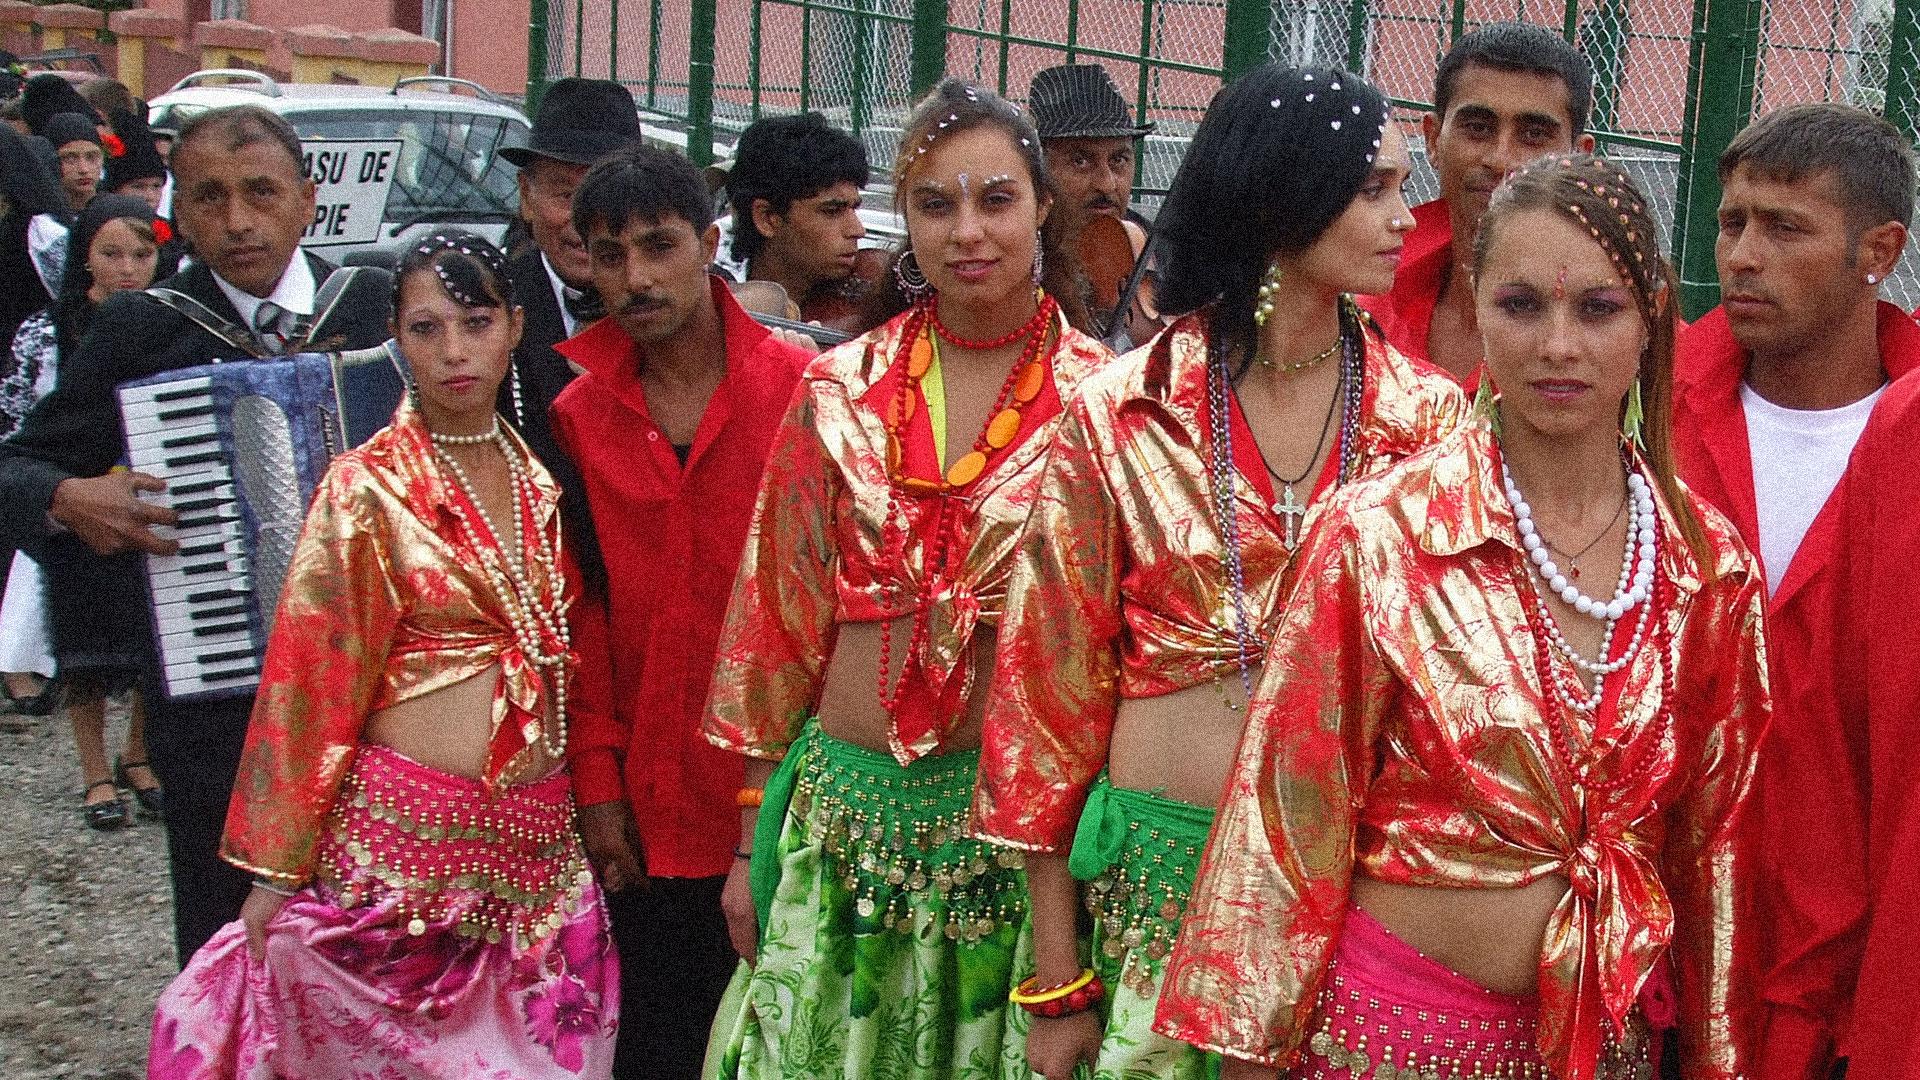 8 апреля — Международный день цыган. Этническая группа рома́ — одна из западных ветвей цыган — фото 2